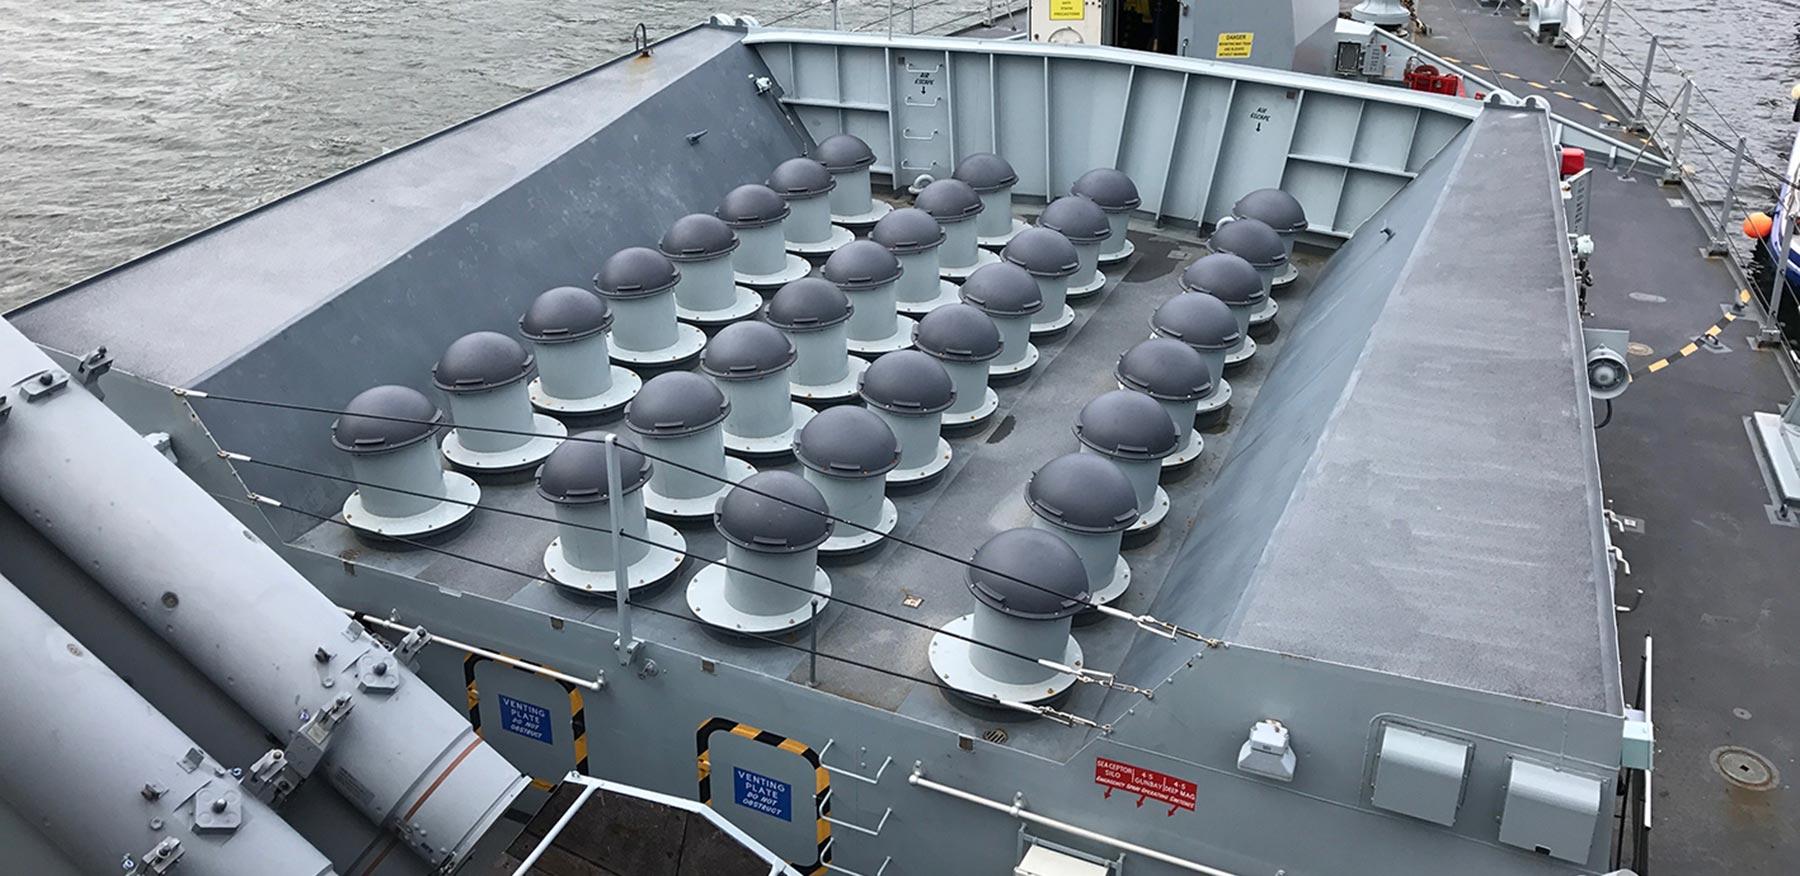 Sea-Ceptor-missile-silo.jpg